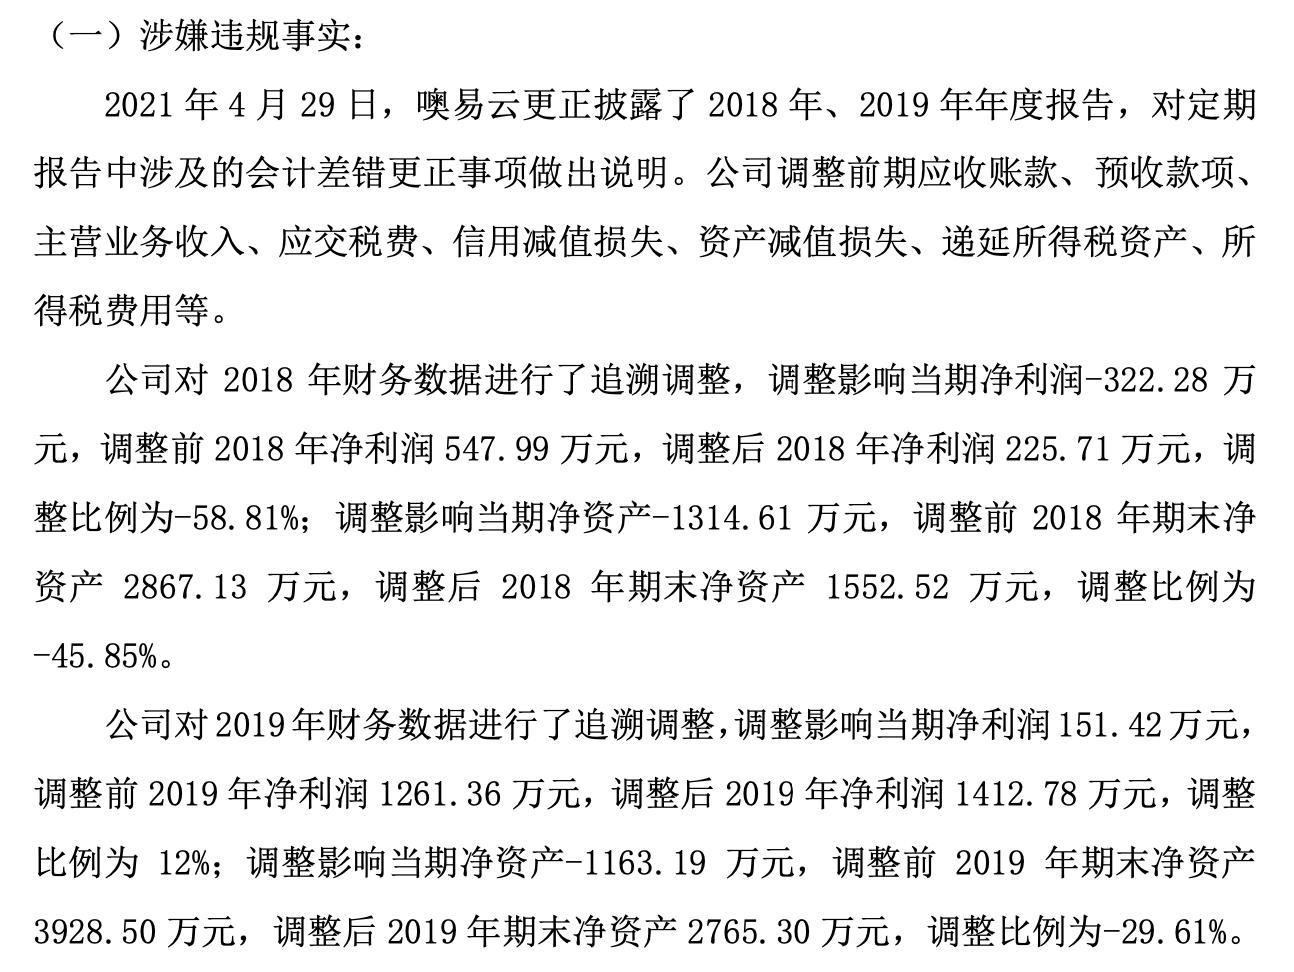 噢易云信披违规收警示函:2019年净利由1261万元调至1413万元